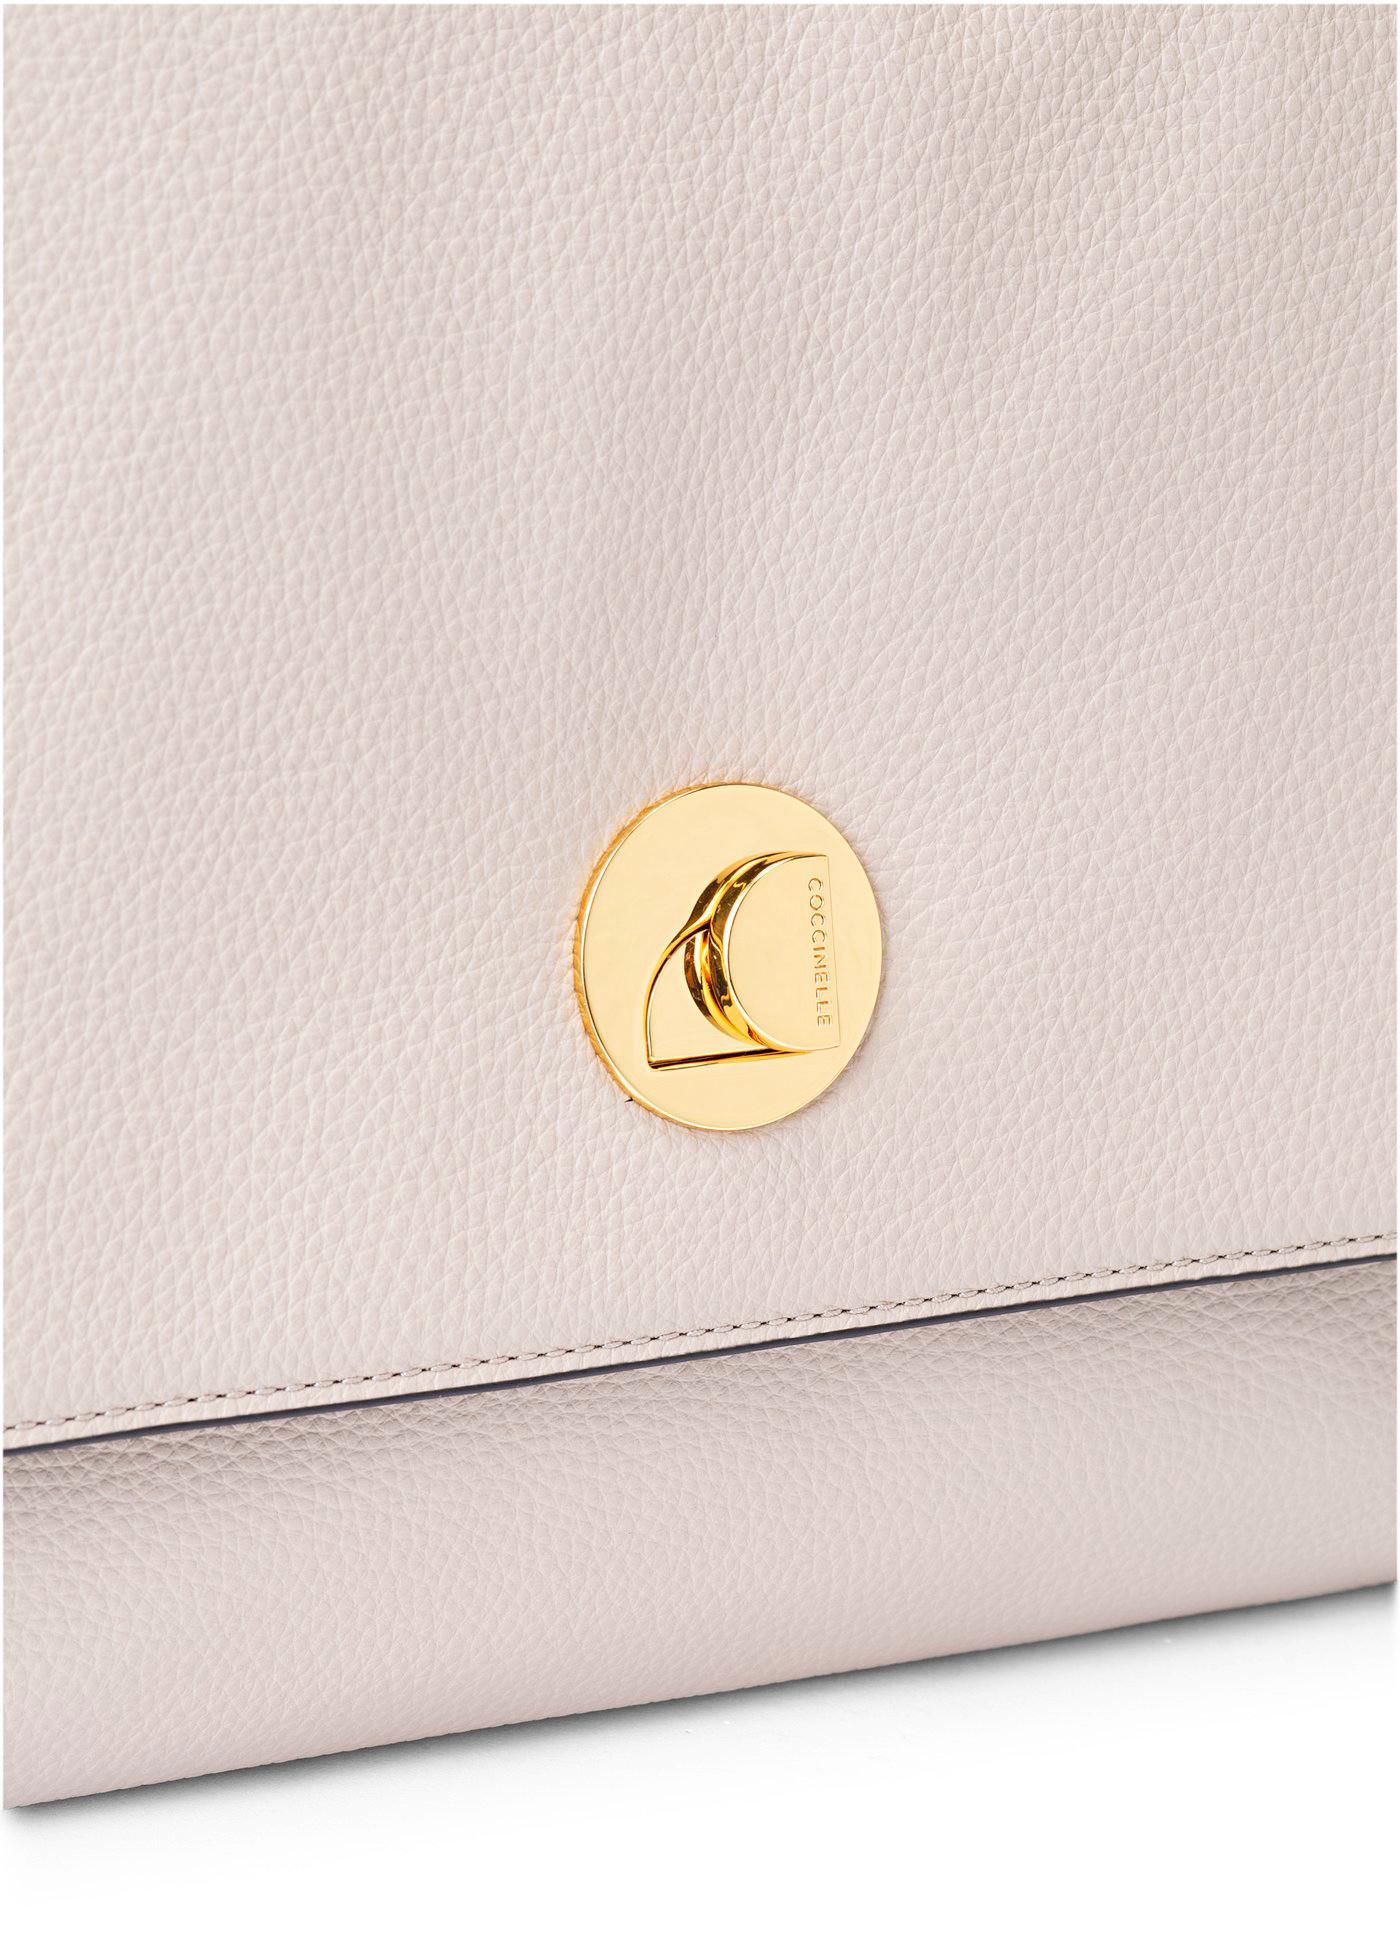 LIYA Shoulder Bag M image number 2